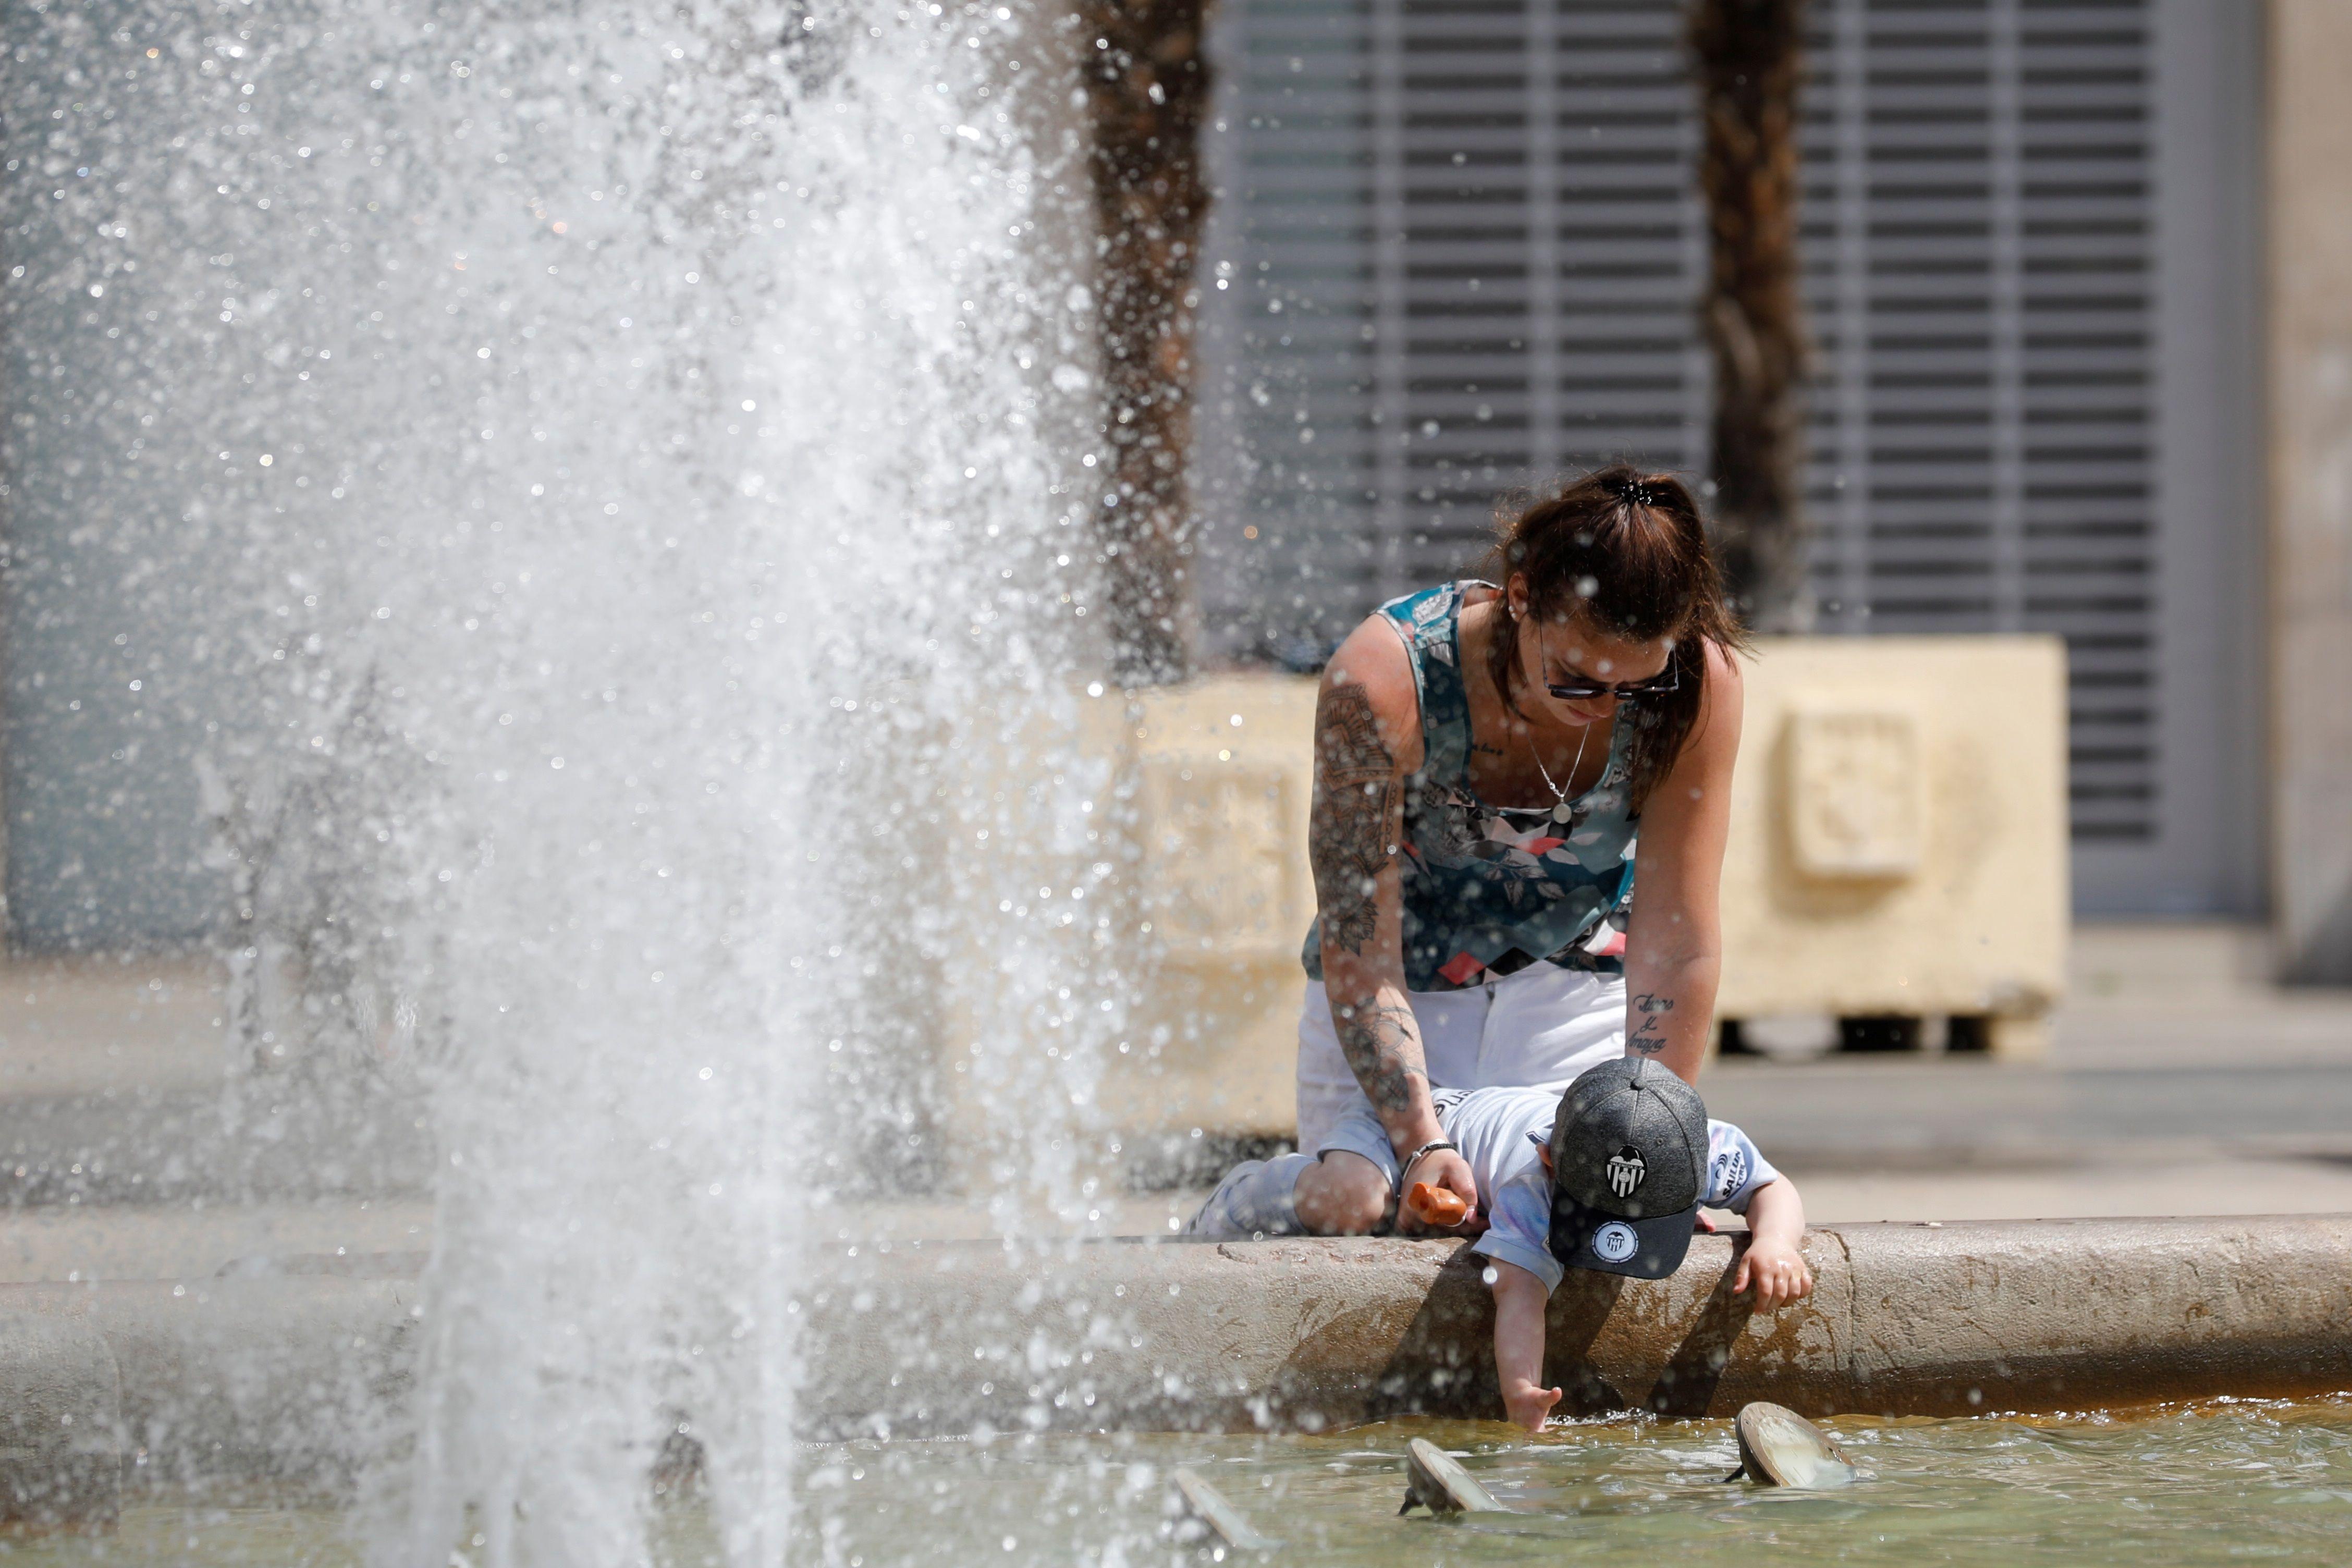 Sábado caluroso: las temperaturas llegan hasta los 34′6 grados en puntos de la Comunitat Valenciana